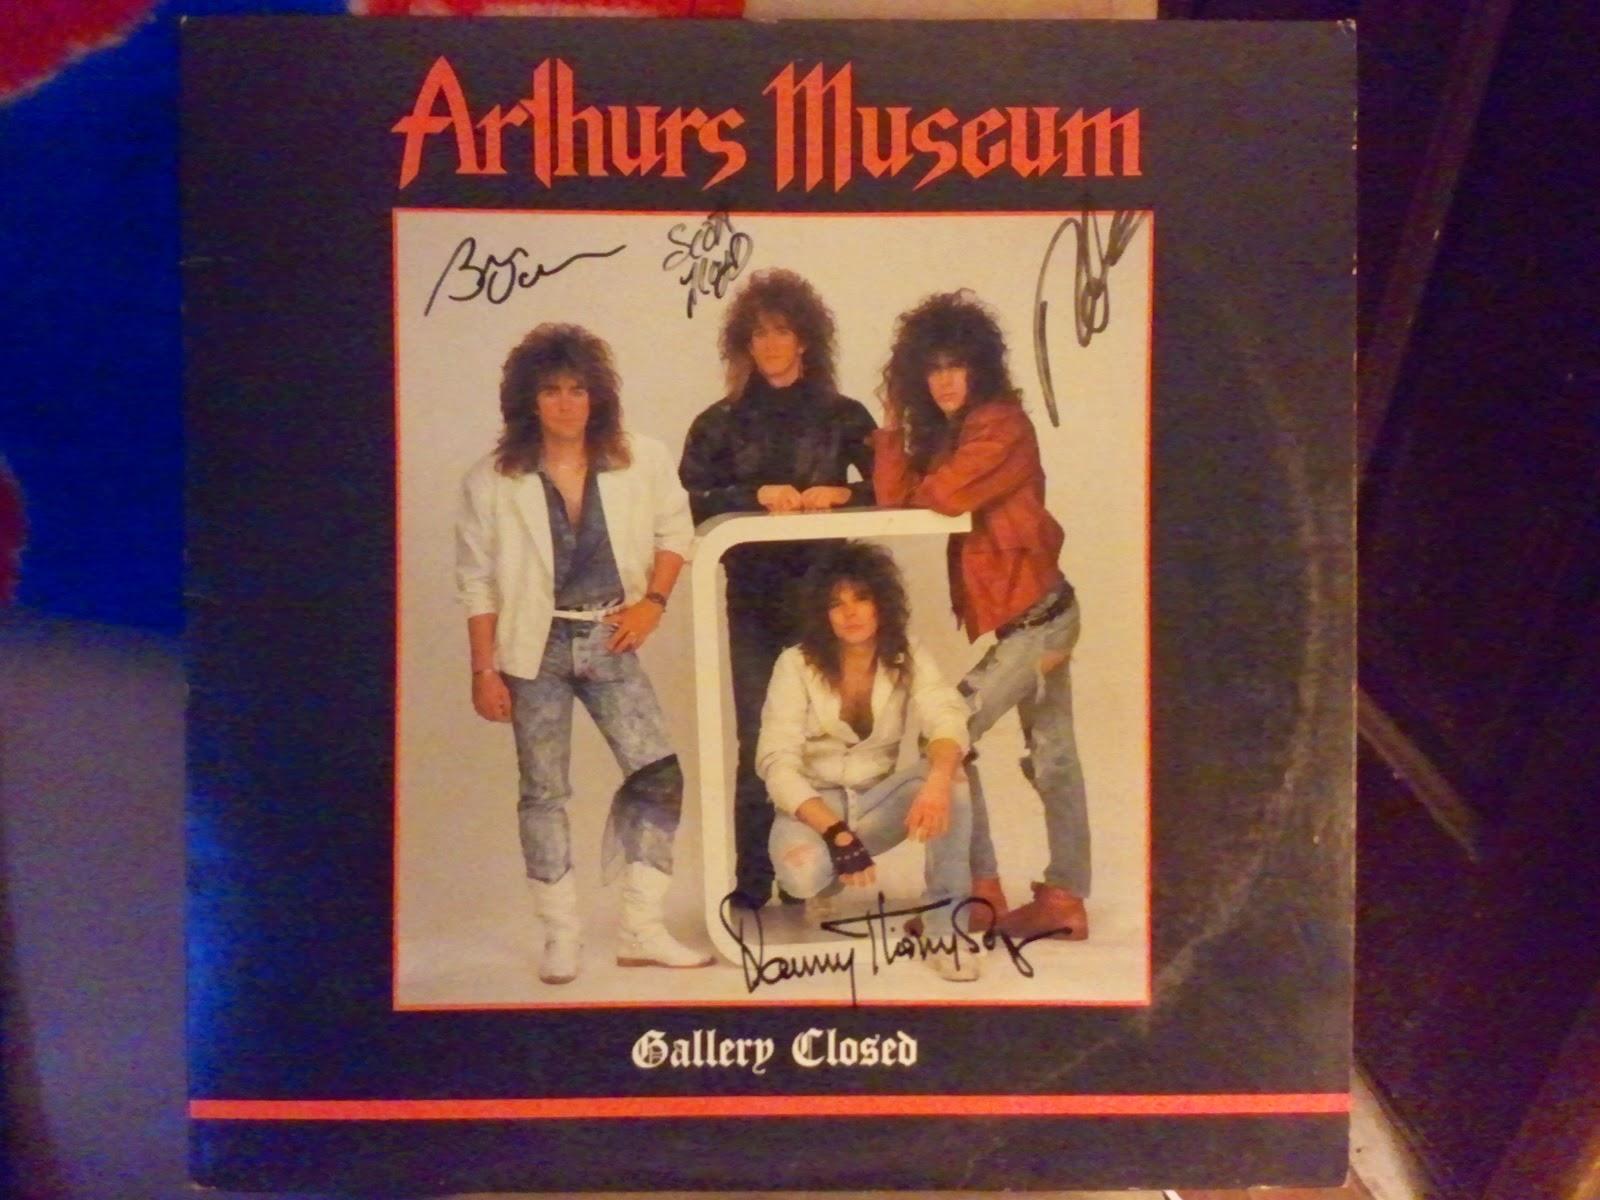 Arthurs Museum signed album